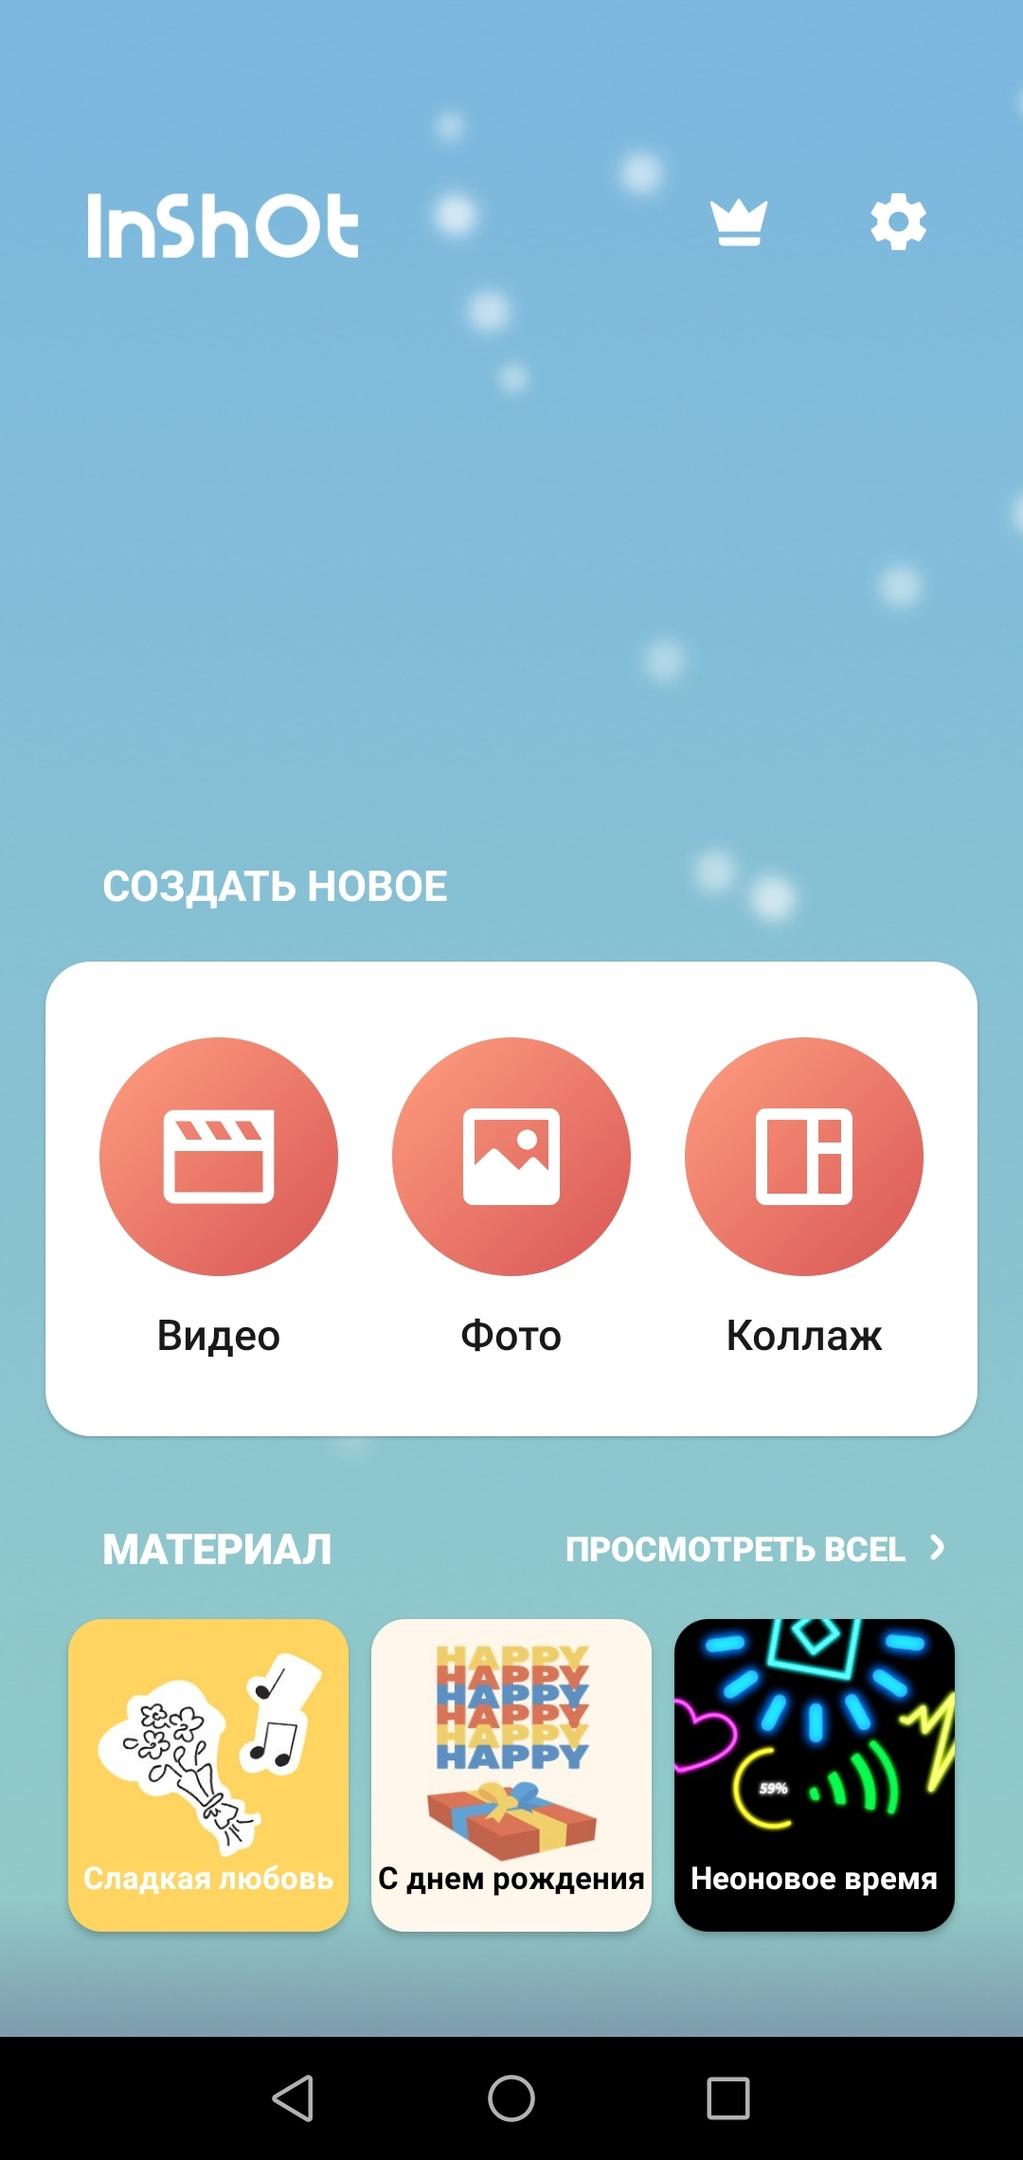 6KeofiQks.jpg.